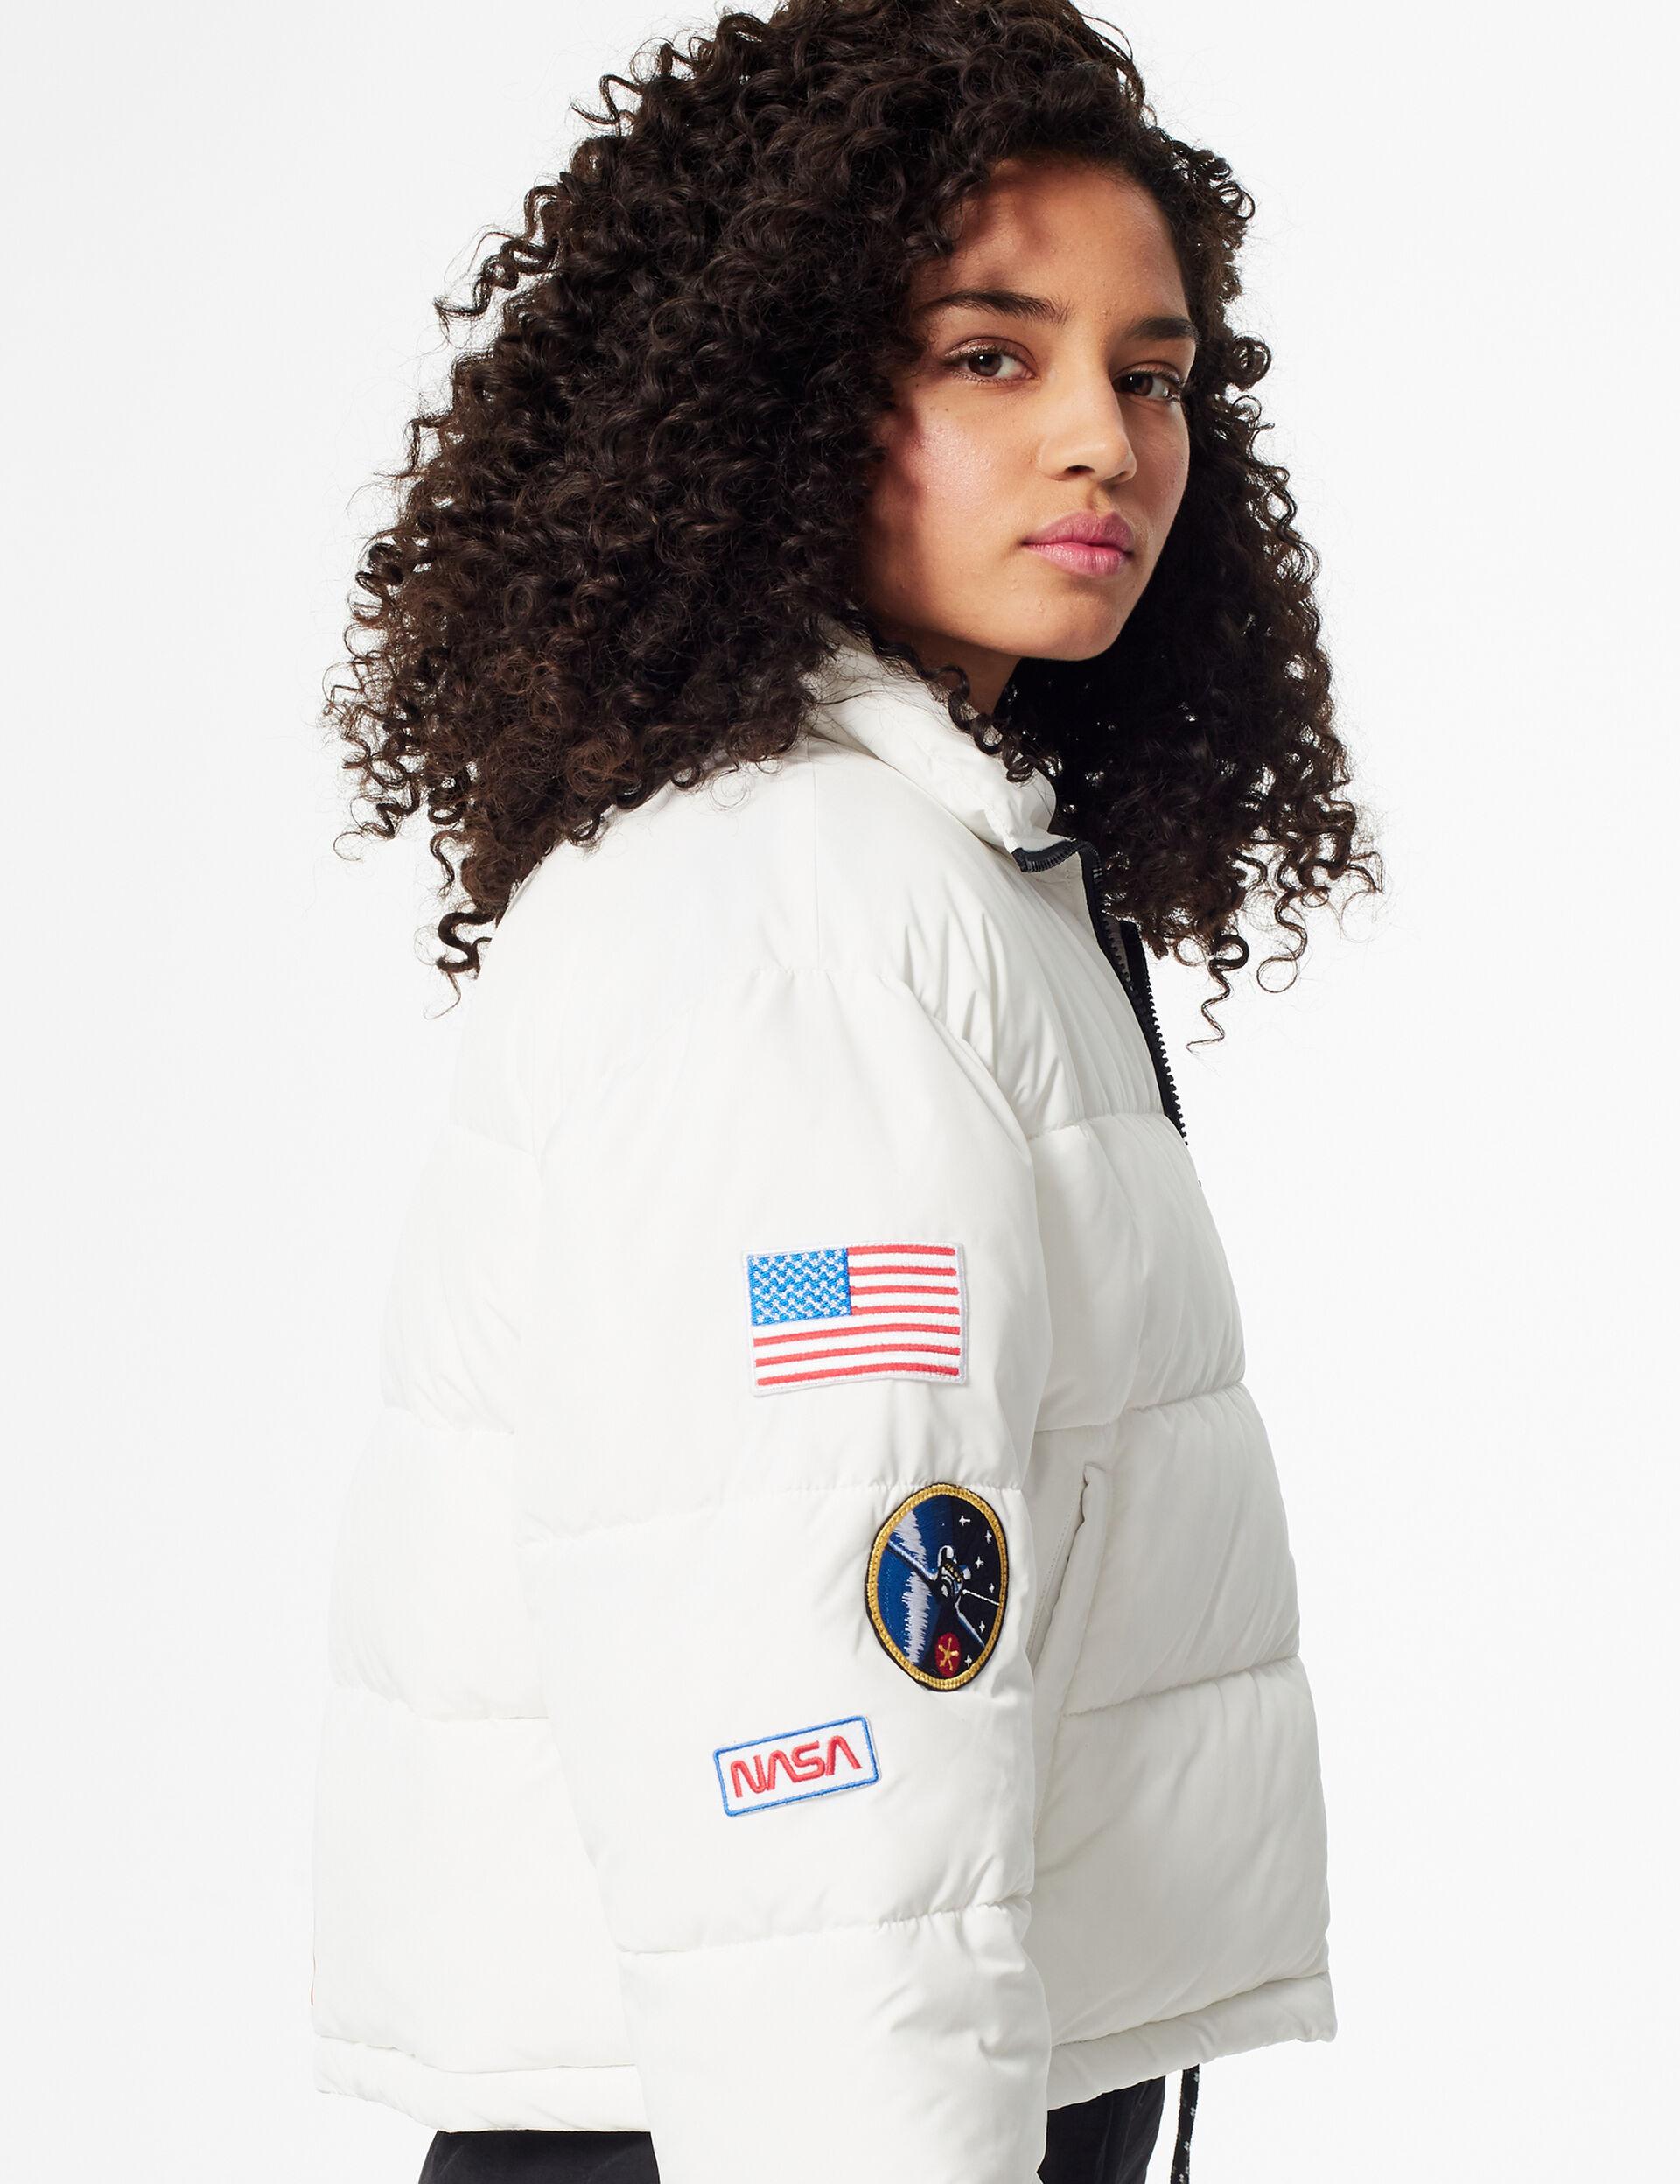 Doudoune NASA